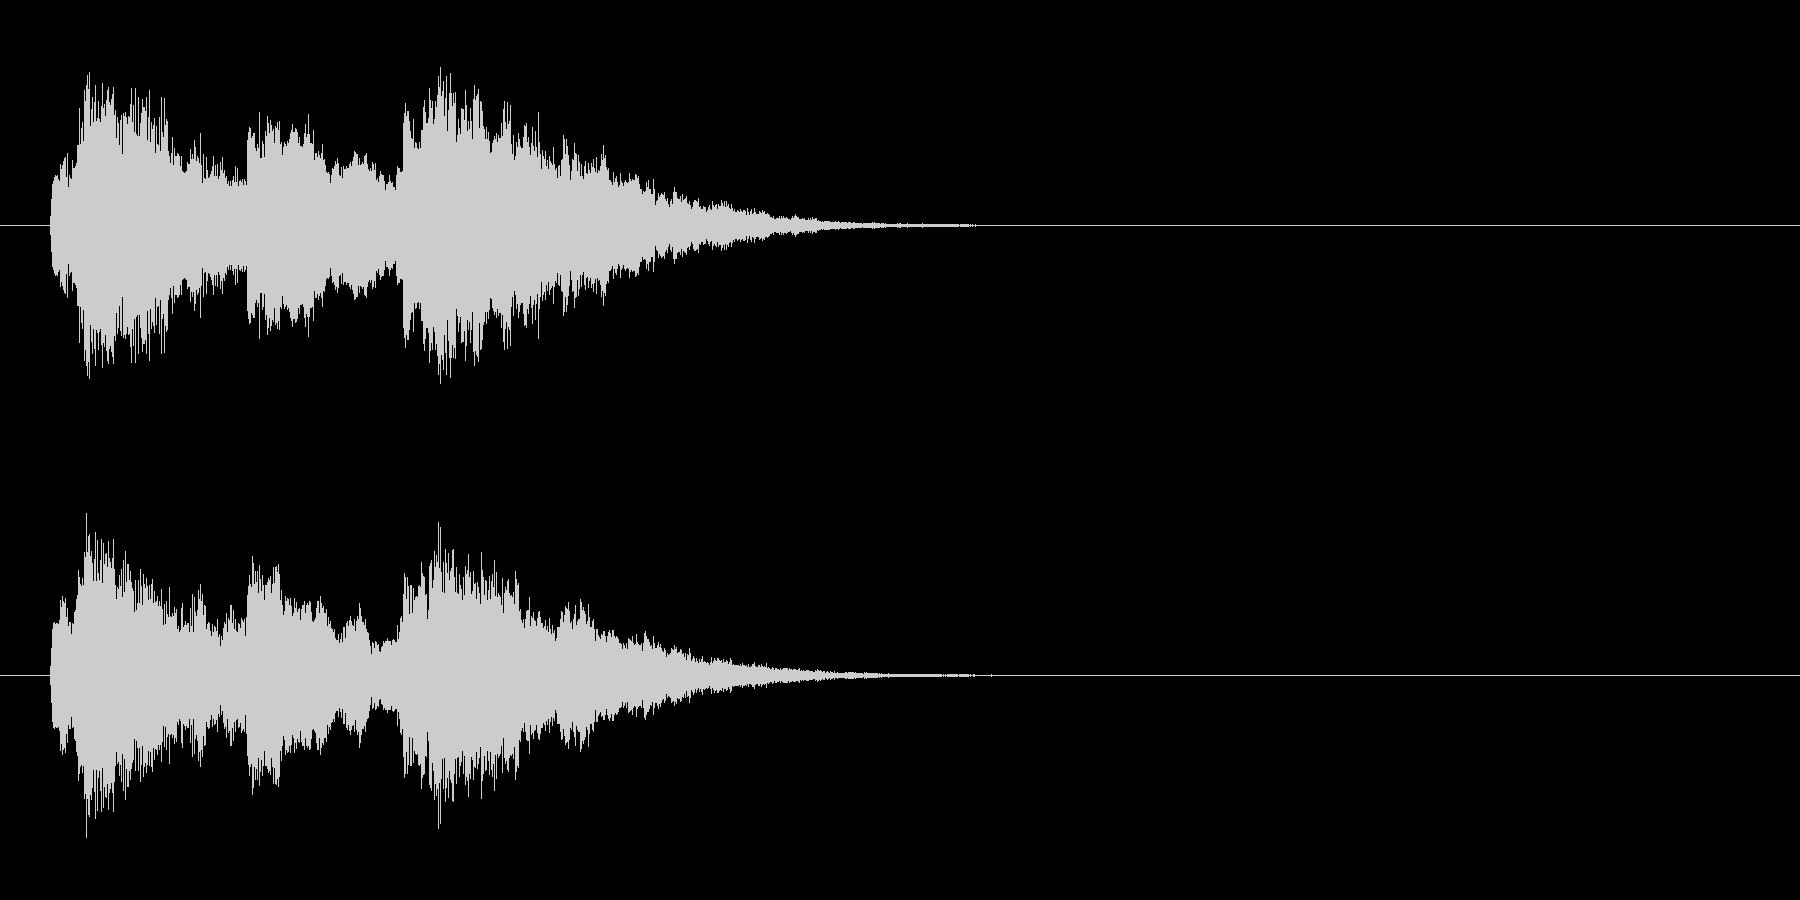 ジングル/環境(サウンド・ロゴ風)の未再生の波形